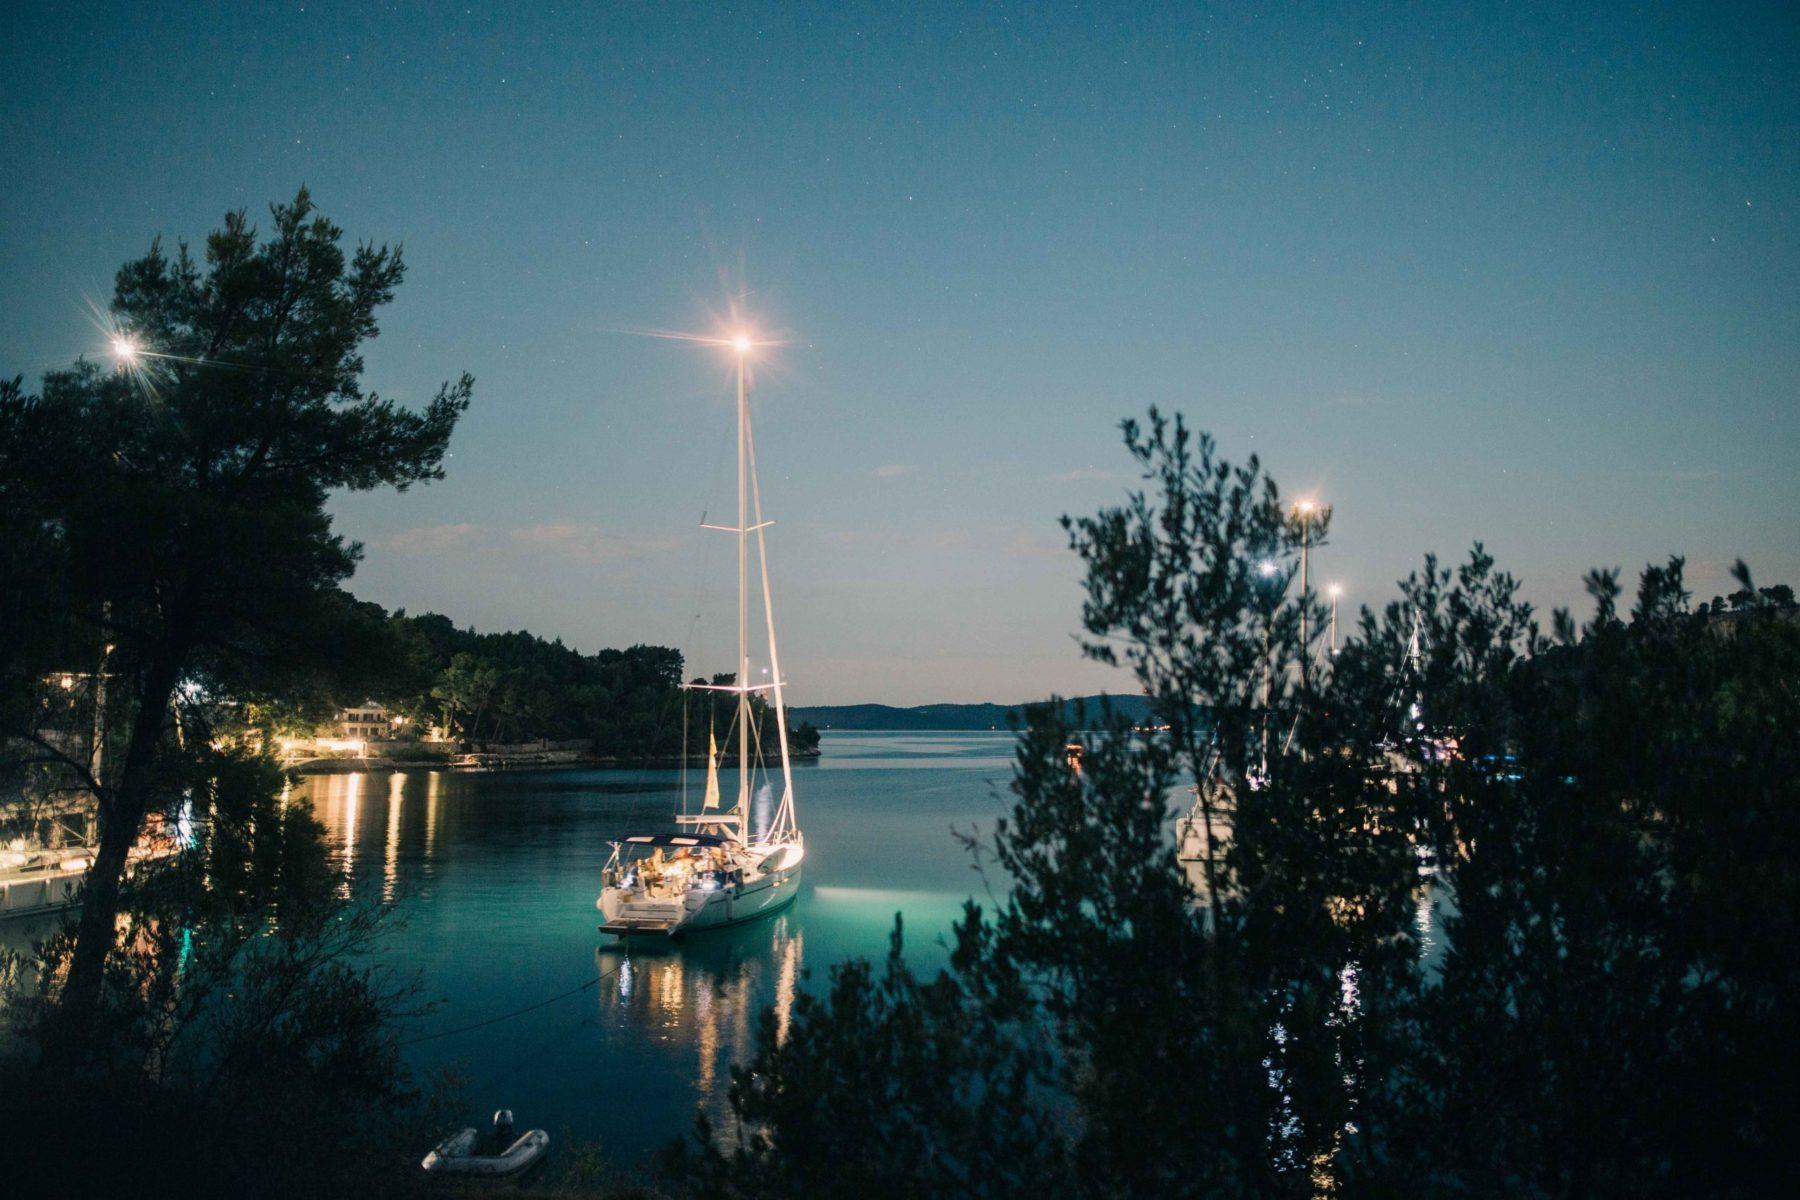 Der nächtliche Ausblick über die Bucht mit der Segelyacht ist einfach bezaubernd | sailwithus